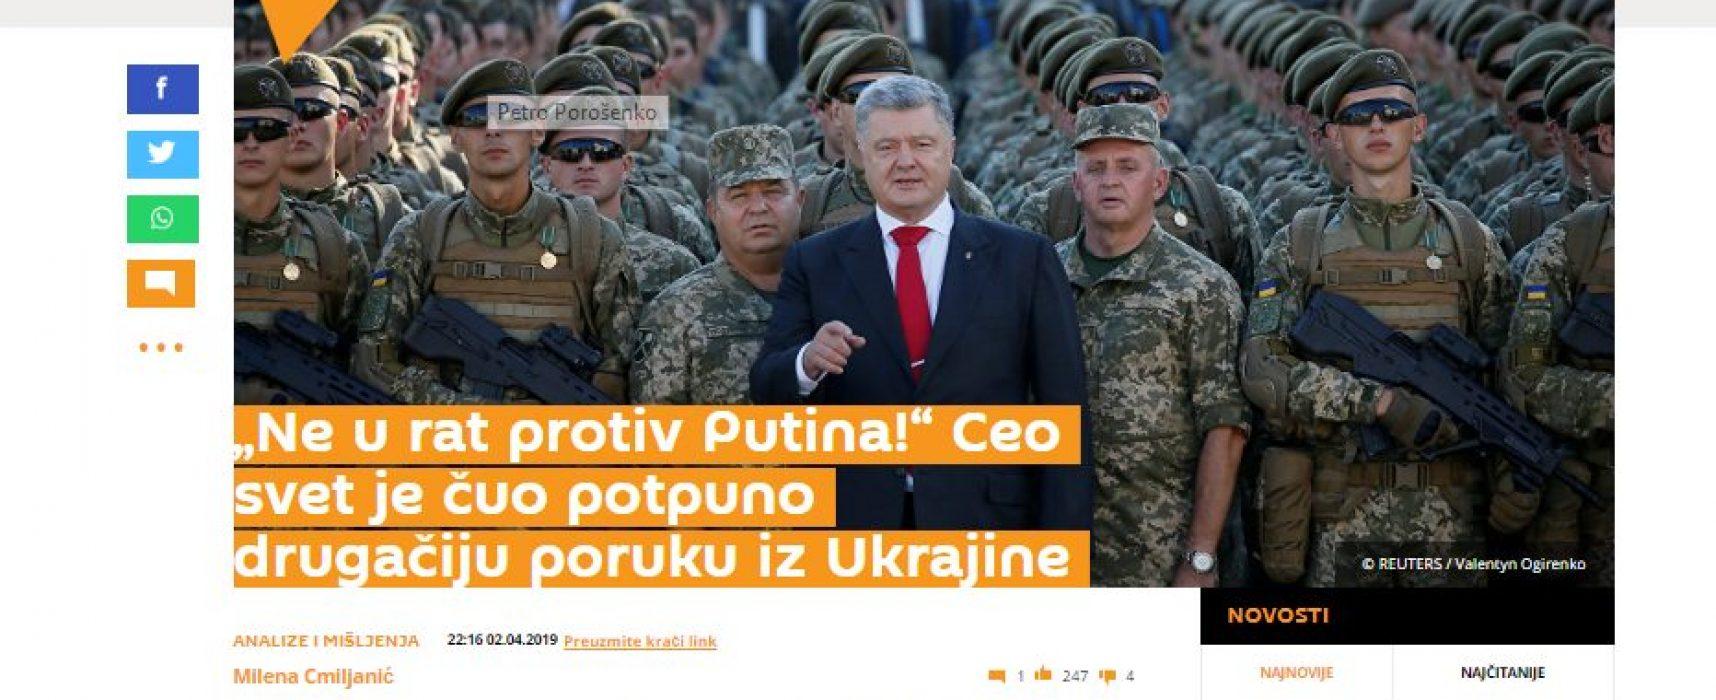 Izbori u Ukrajini kao povod za ponavljanje starih laži